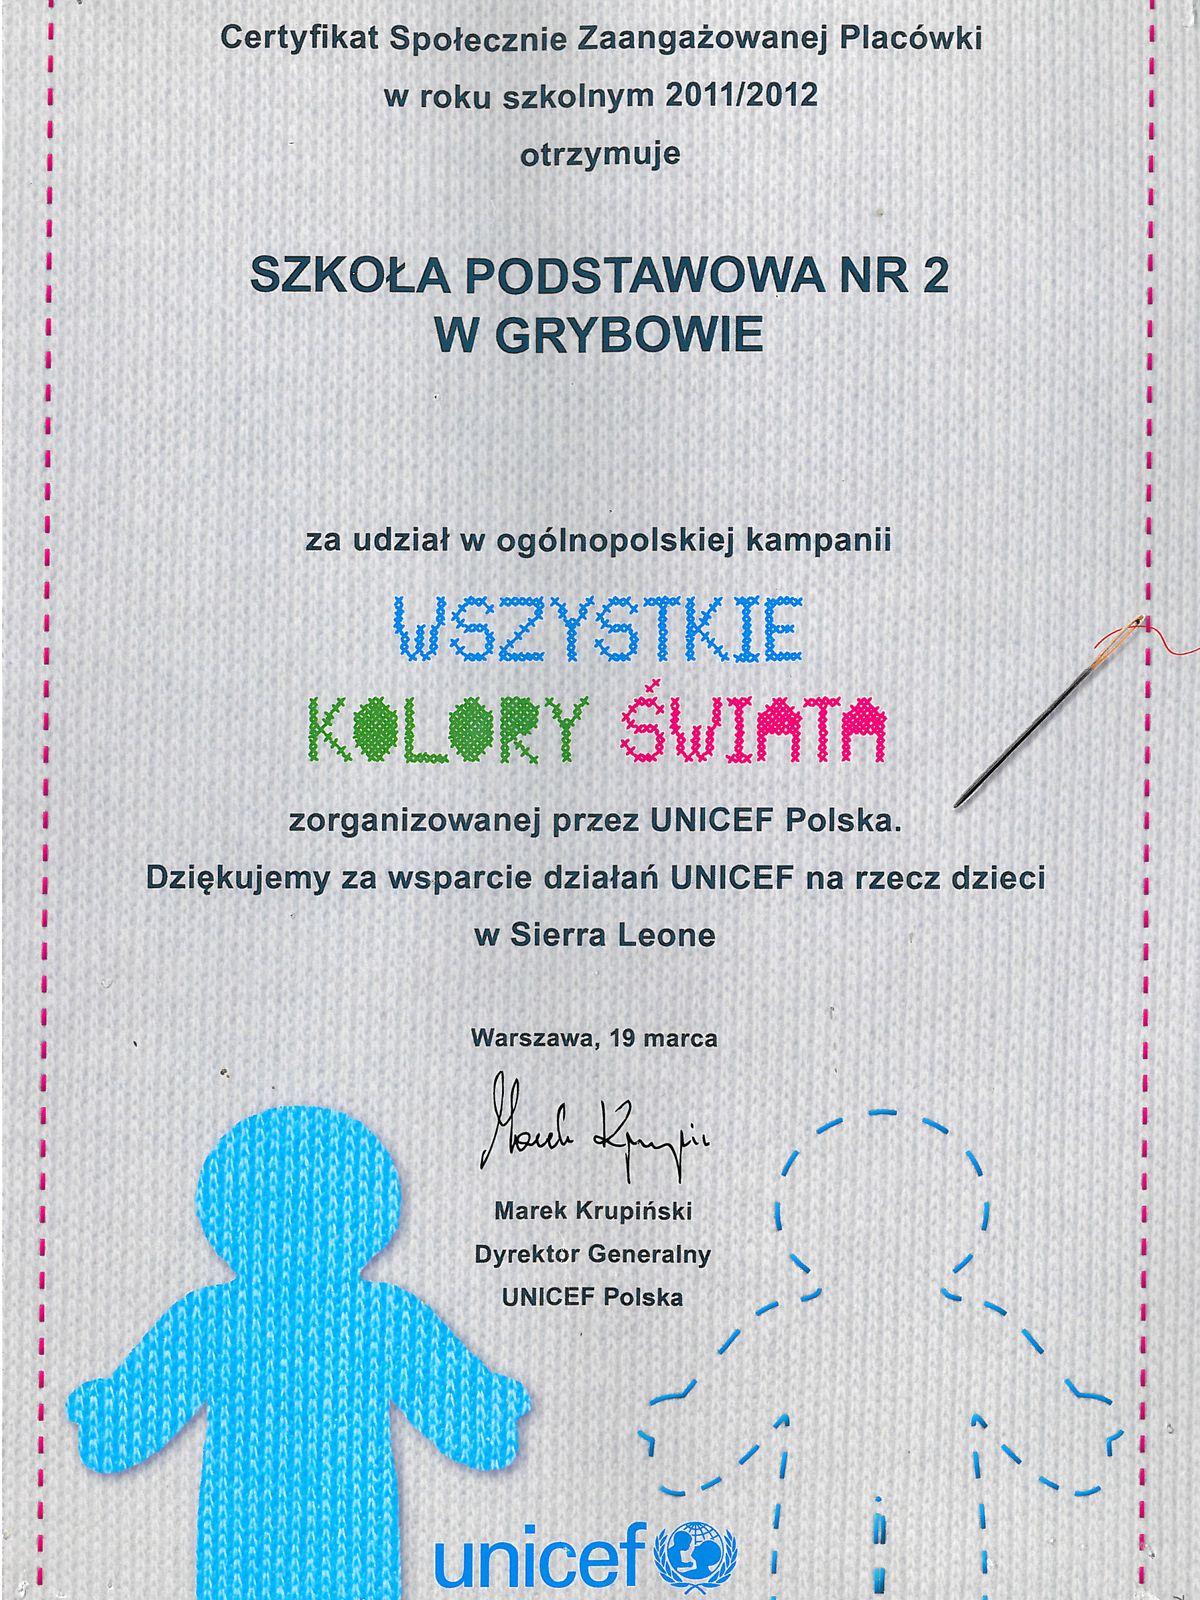 """Certyfikat """"Unicef - Wszystkie kolory świata"""""""